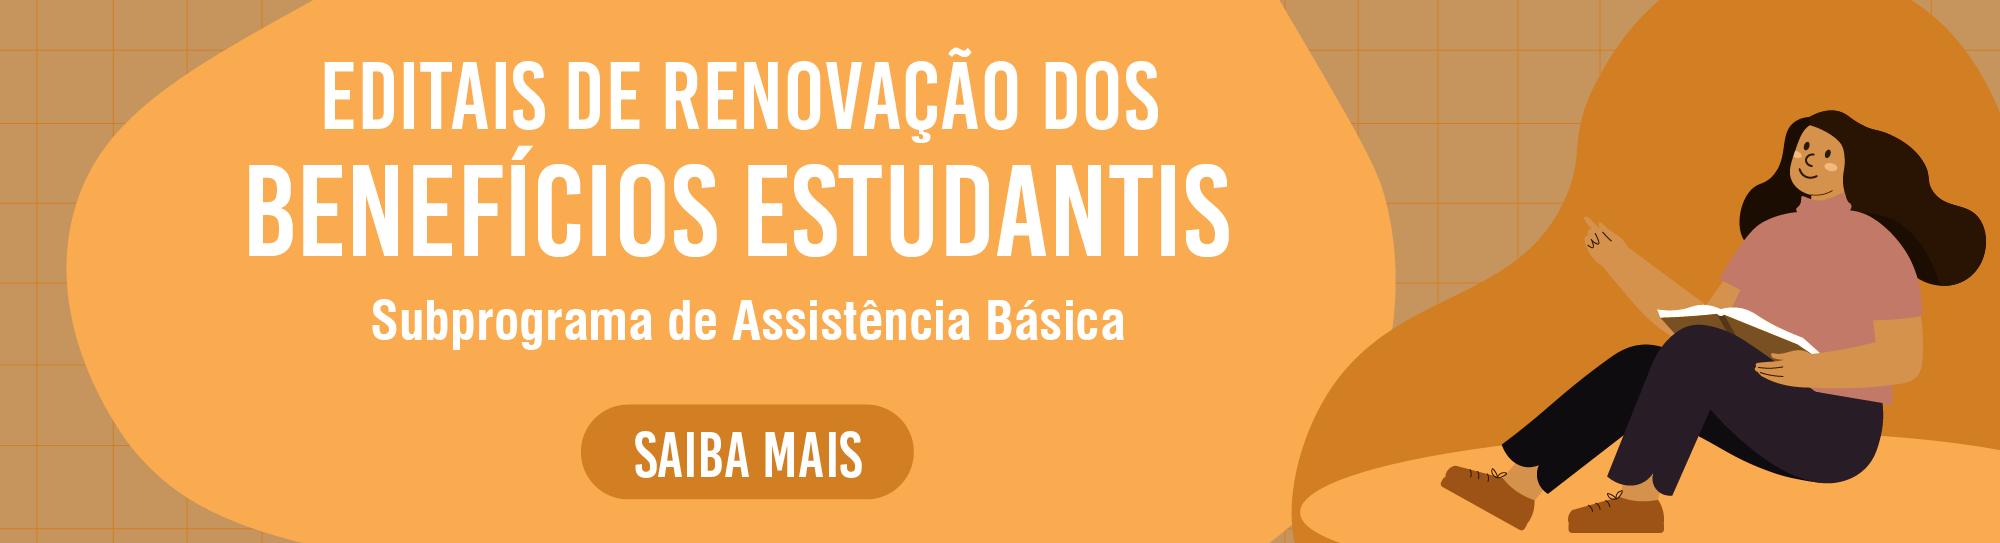 https://www.furg.br/noticias/noticias-institucional/prazo-para-renovacao-de-beneficios-estudantis-encerra-em-maio